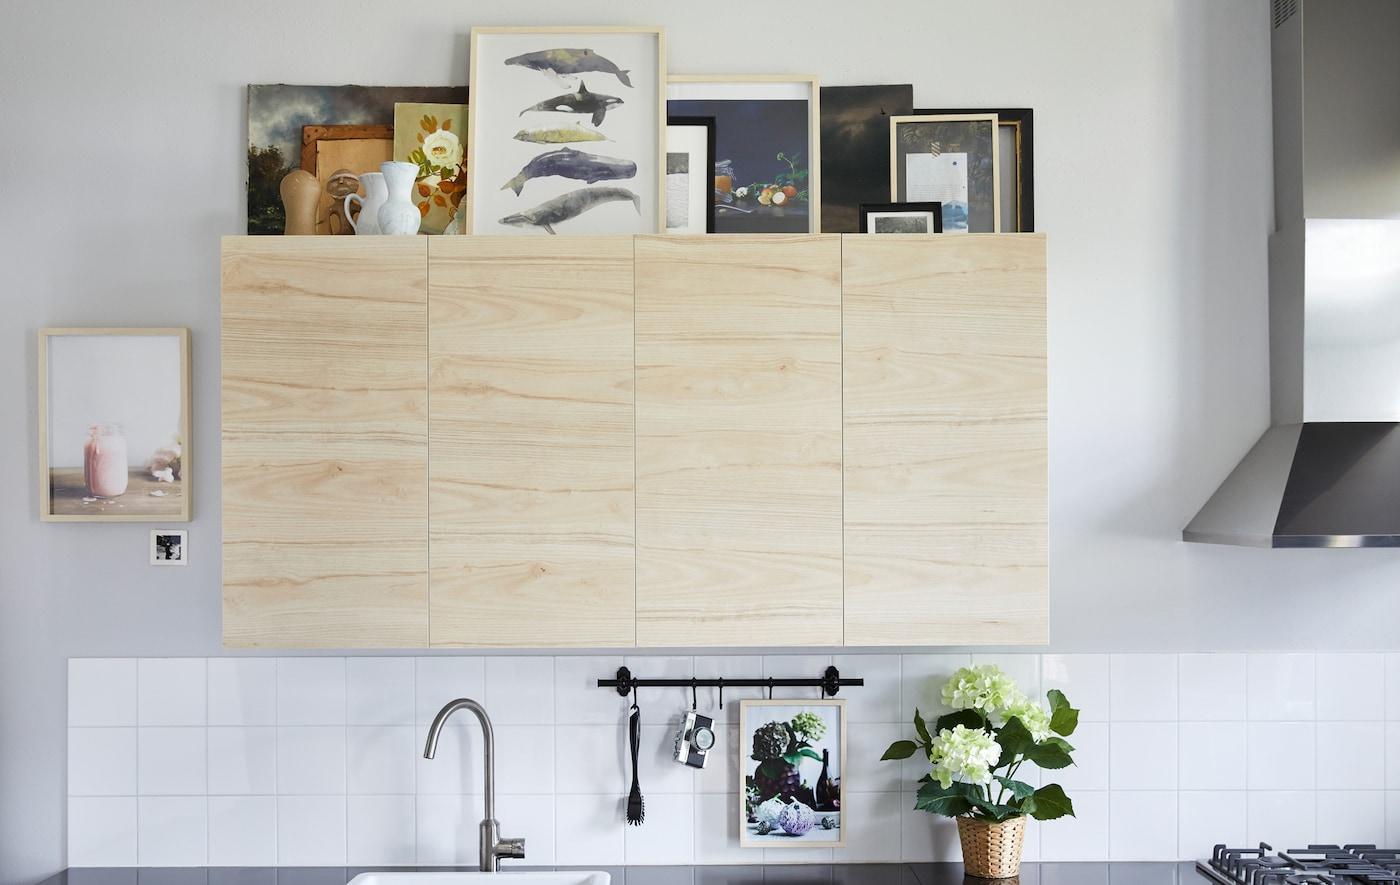 Binario Pensili Cucina Ikea come utilizzare il piano sopra i pensili da cucina - ikea it